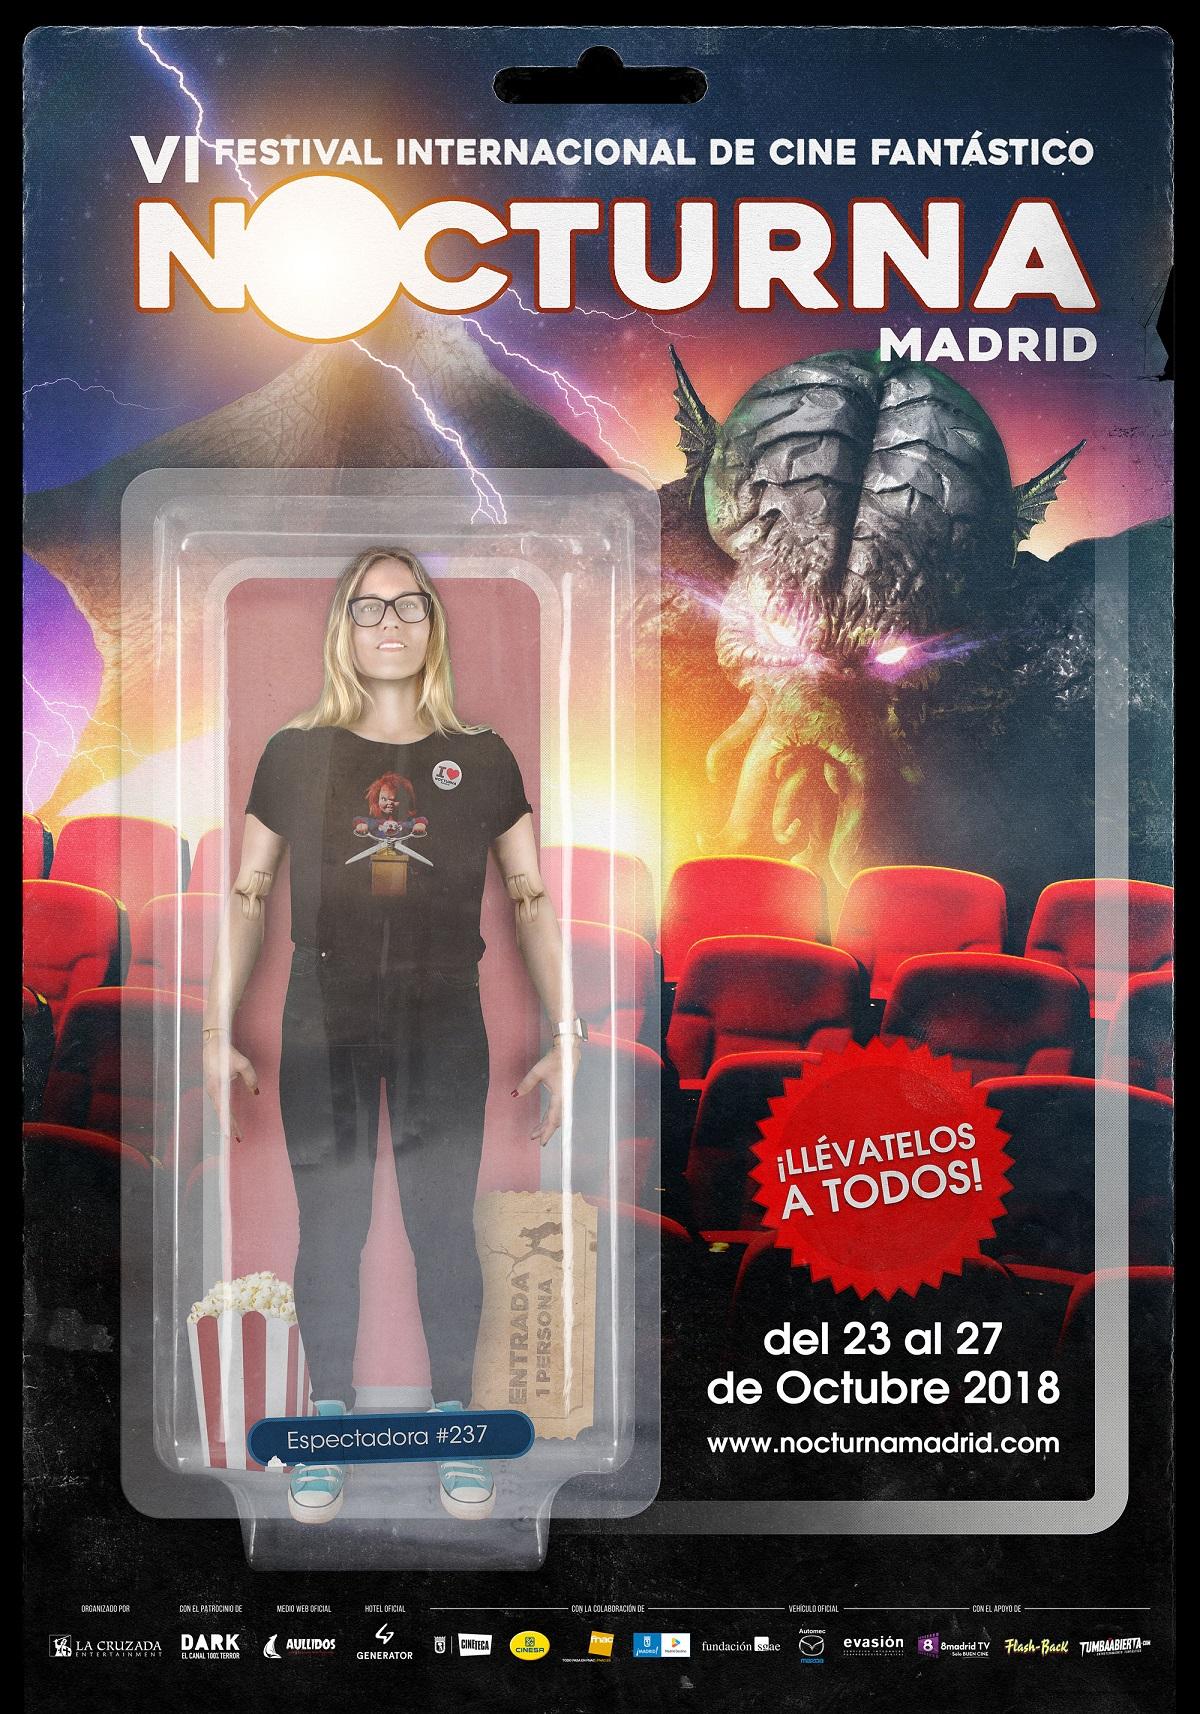 Cartel de Nocturna Madrid 2018, obra de Daniel Fumero.